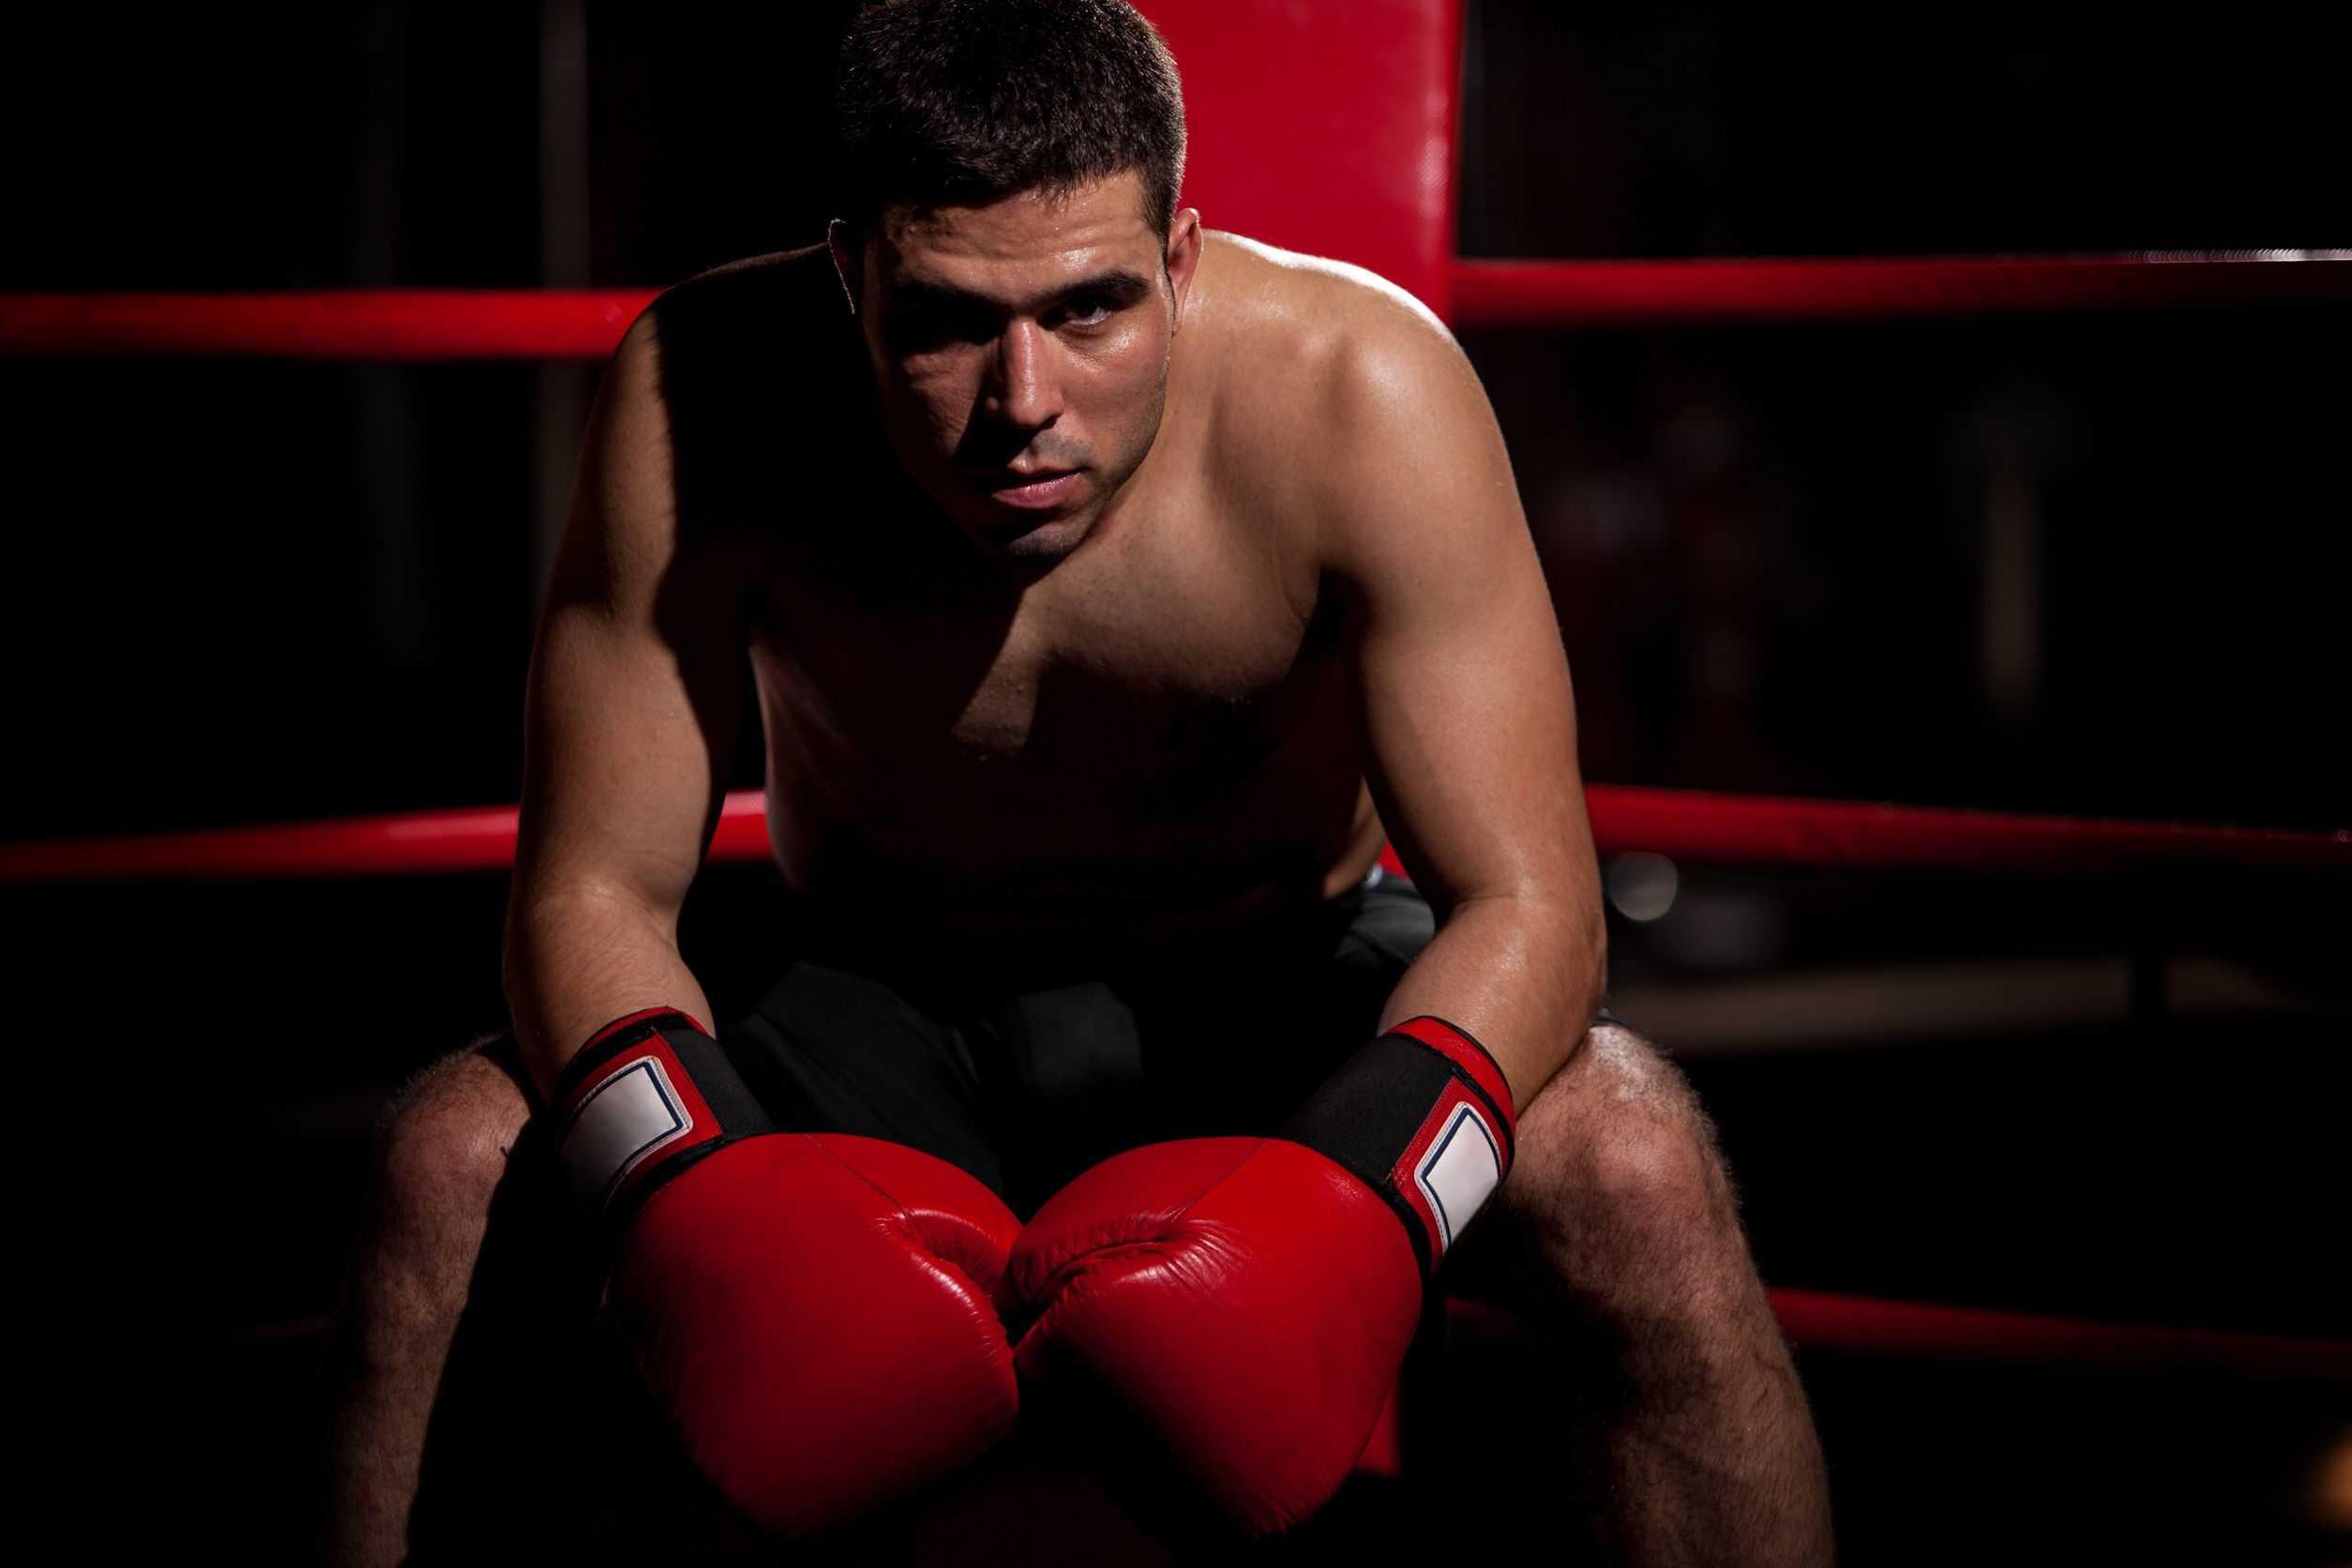 odontología deportiva en boxeo